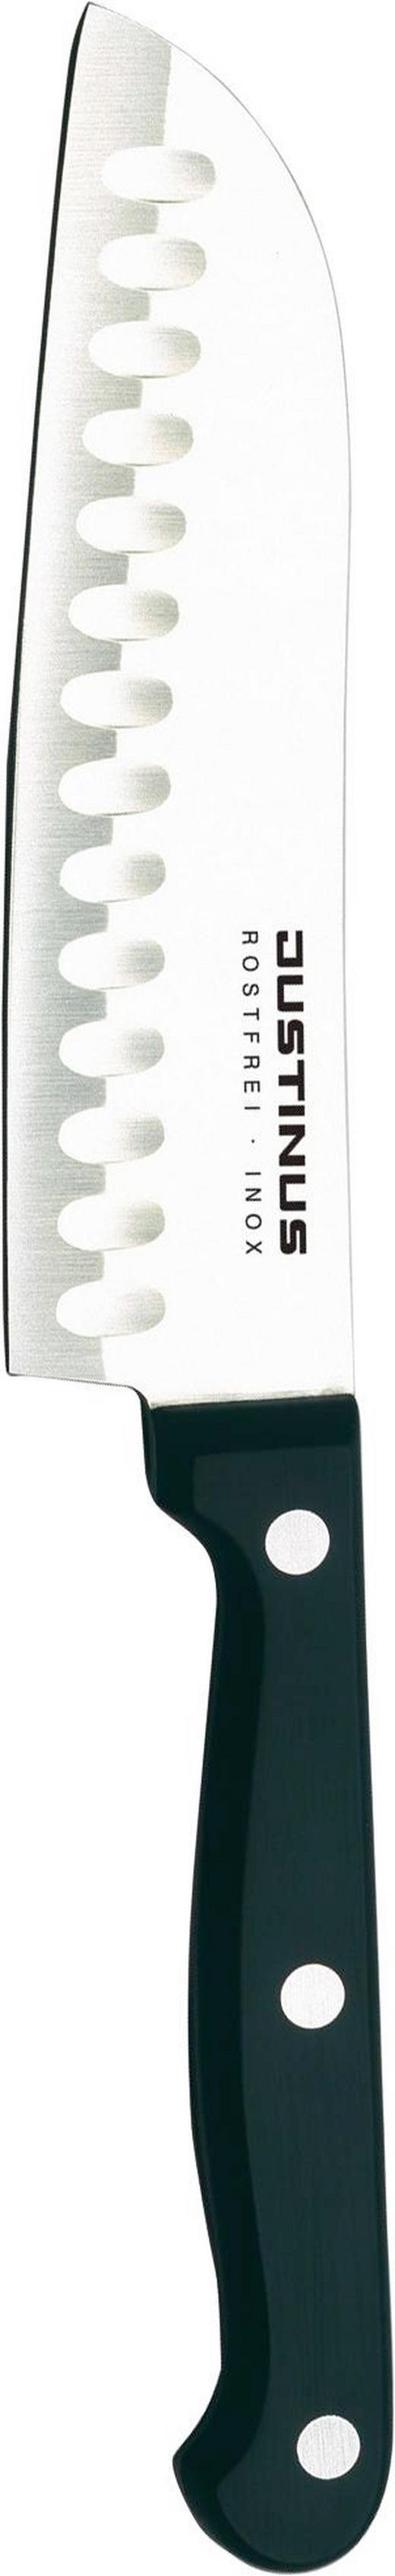 SANTOKUMESSER   23,5 cm - Basics, Kunststoff/Metall (23,5cm) - Justinus